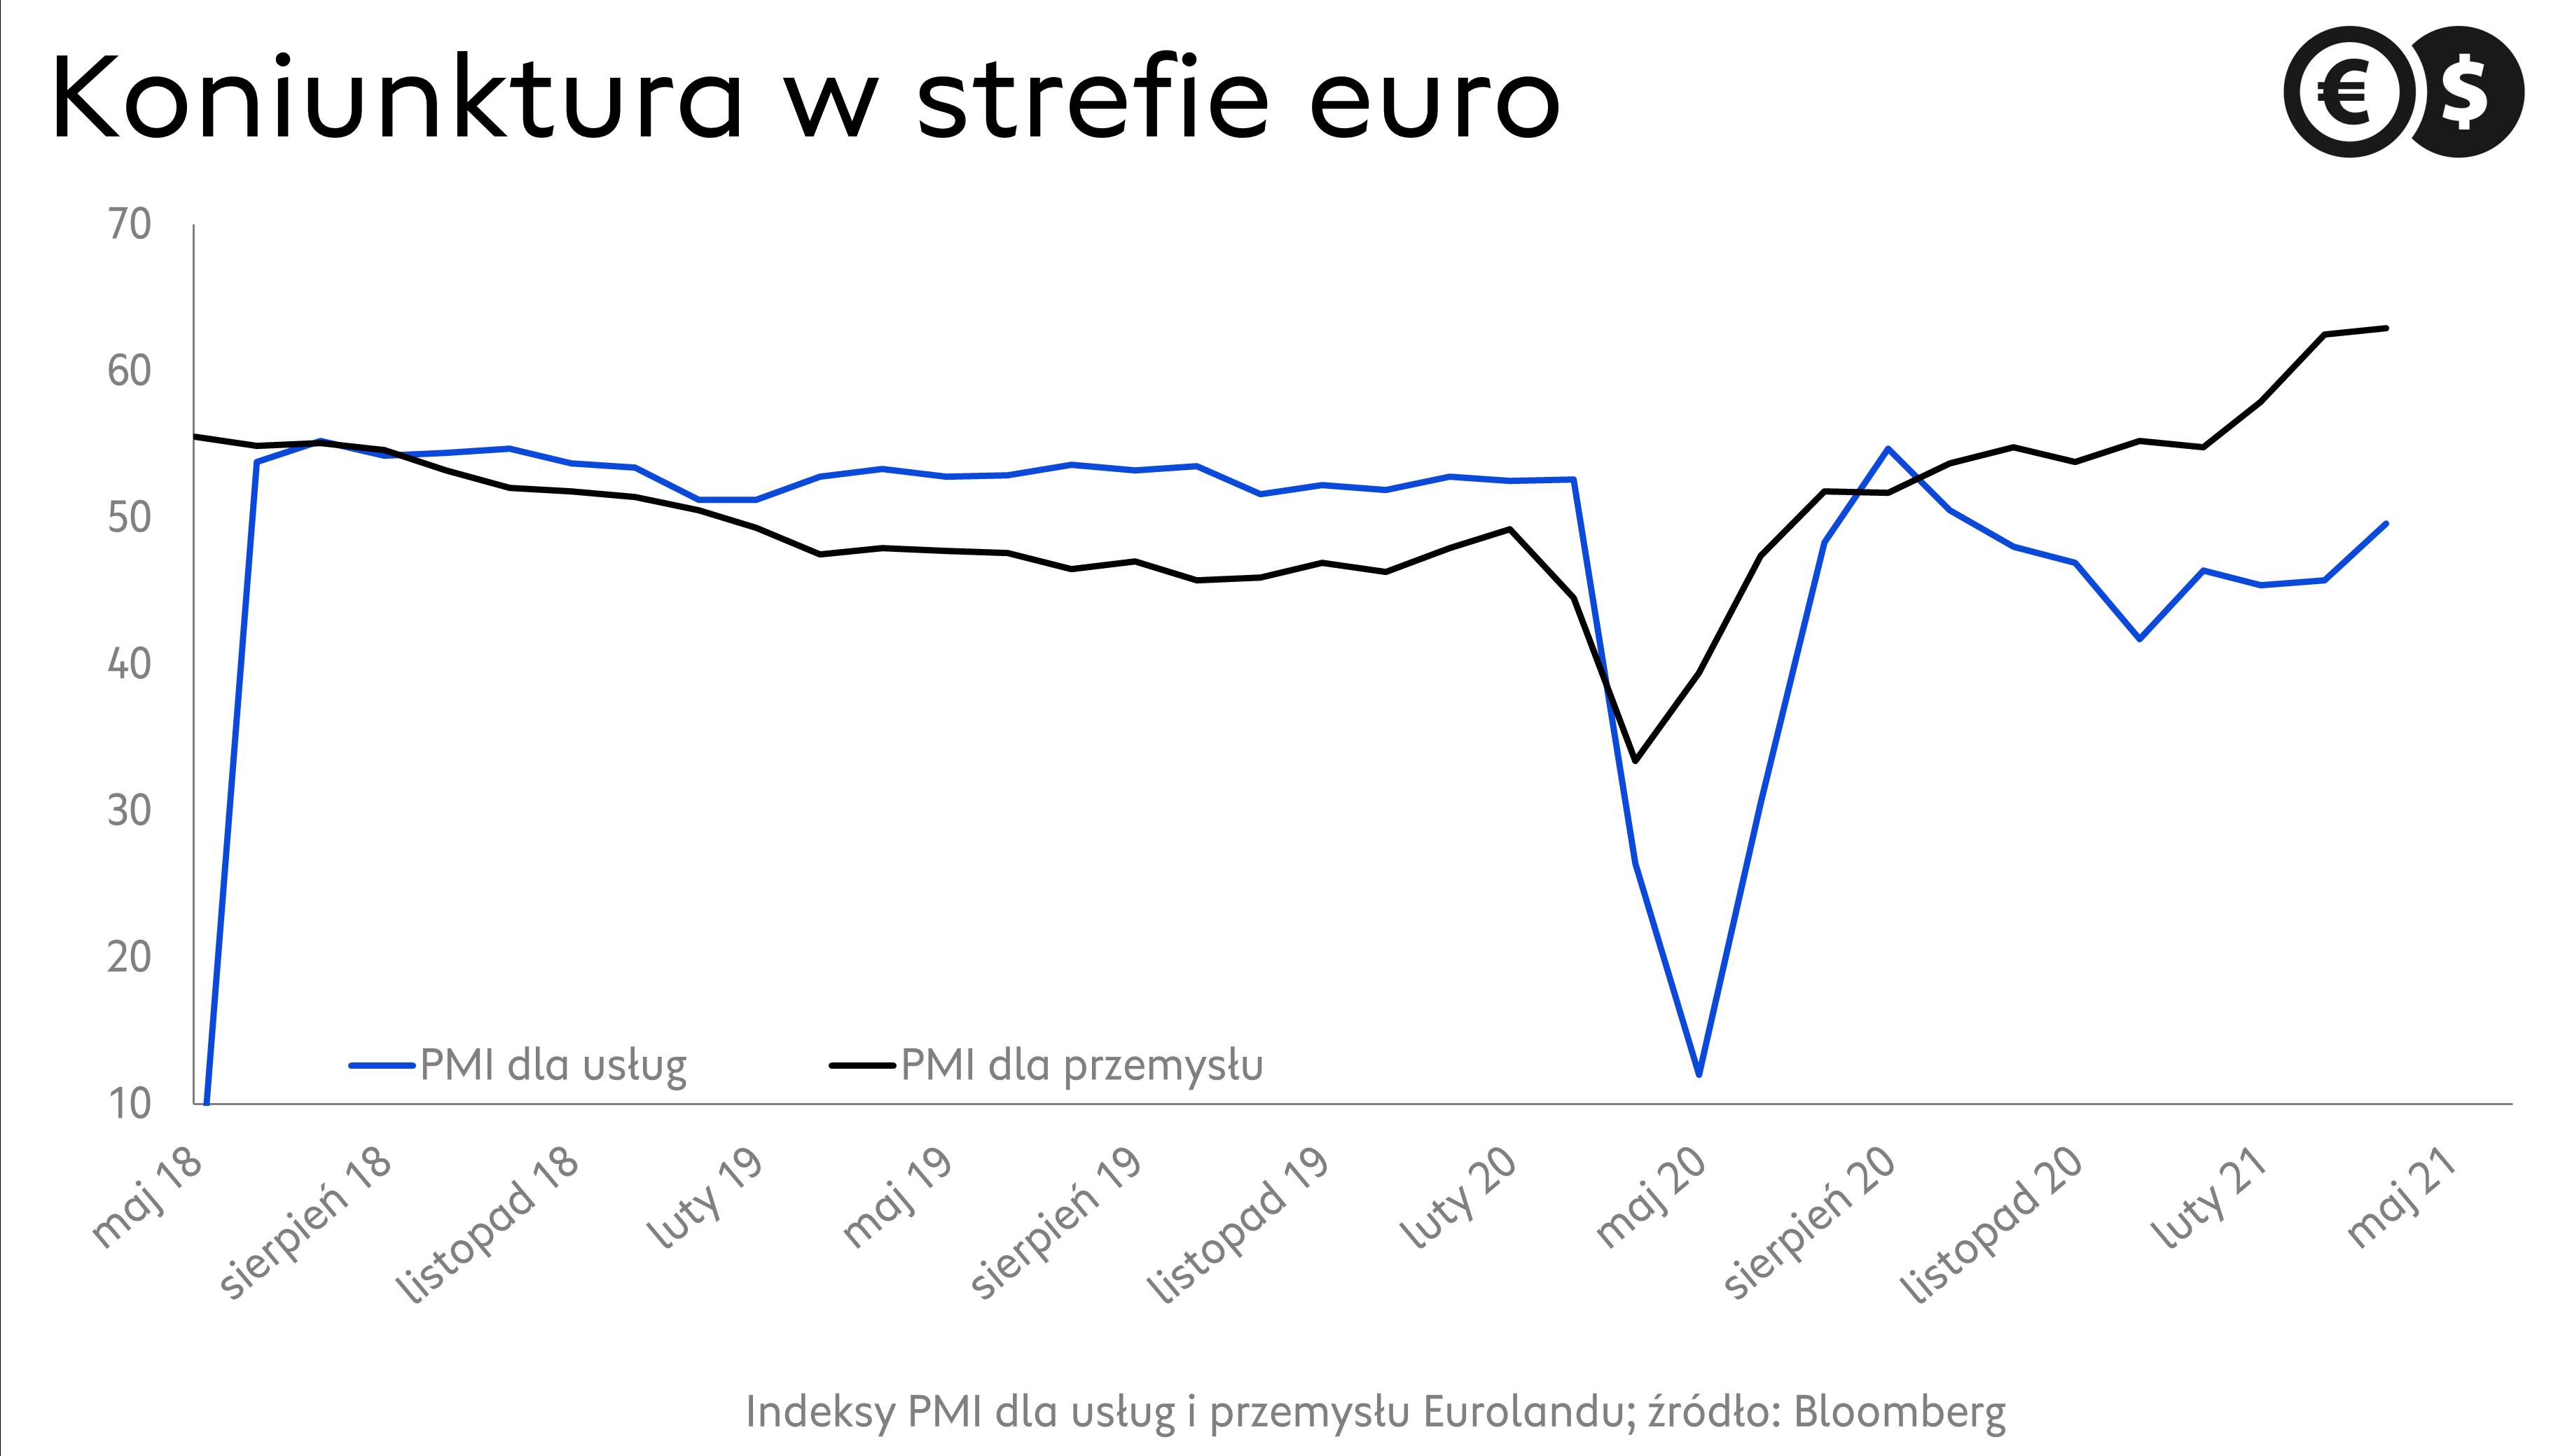 PMI dla Eurolandu, koniunktura w przemyśle i usługach; źródło: Bloomberg